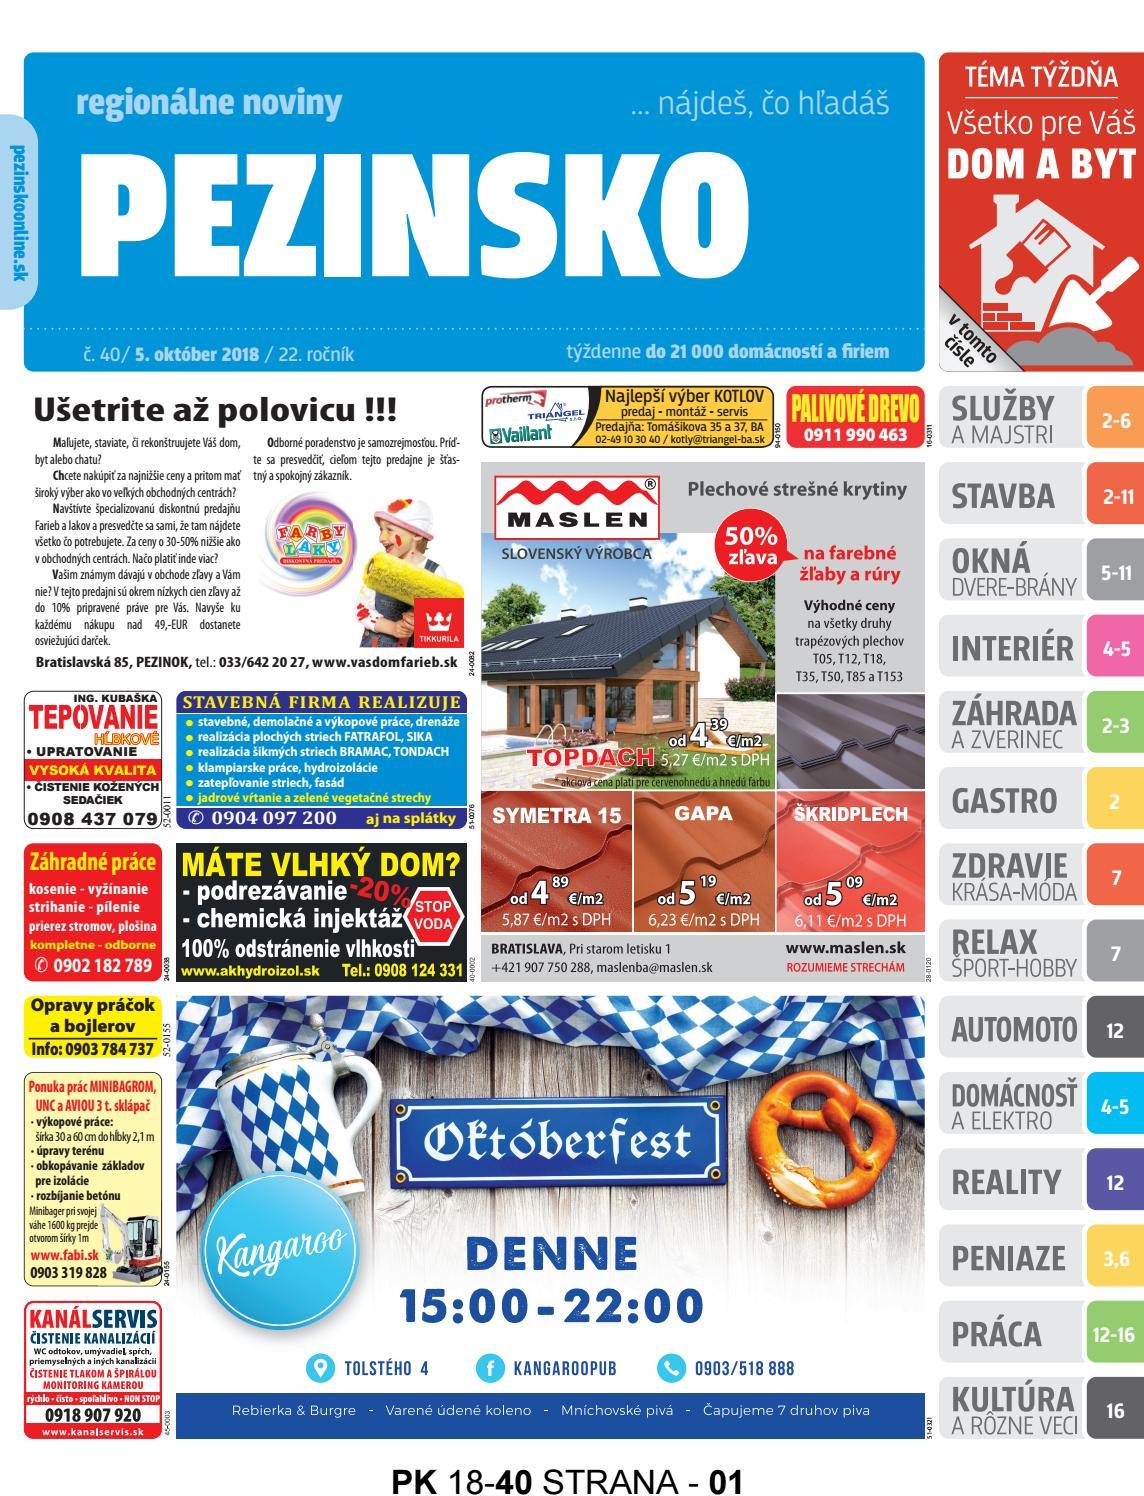 Dámske Zoznamka profil titulky